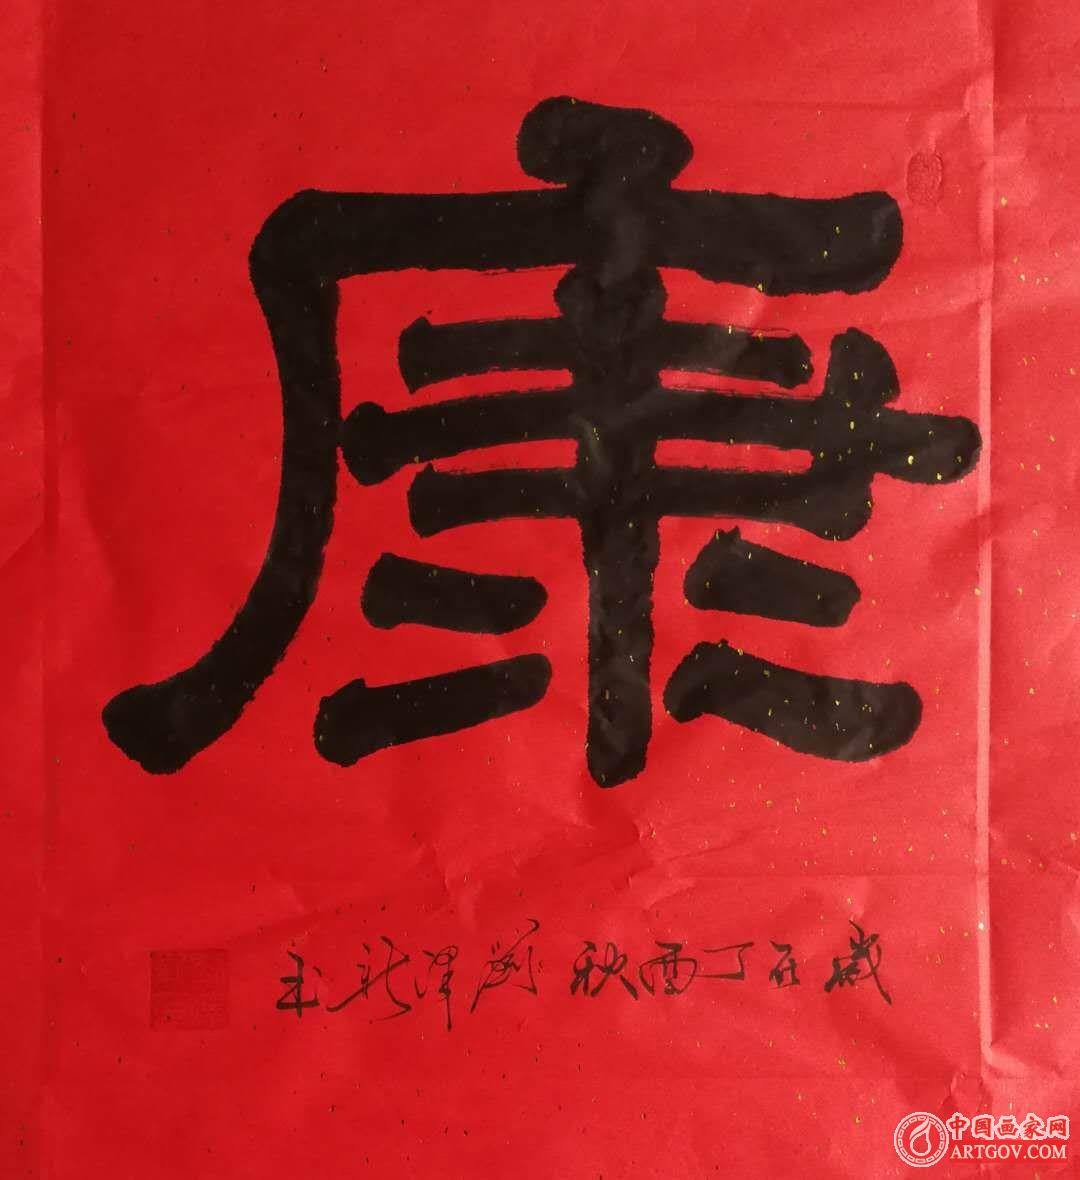 刘泽新陕西省著名书法家